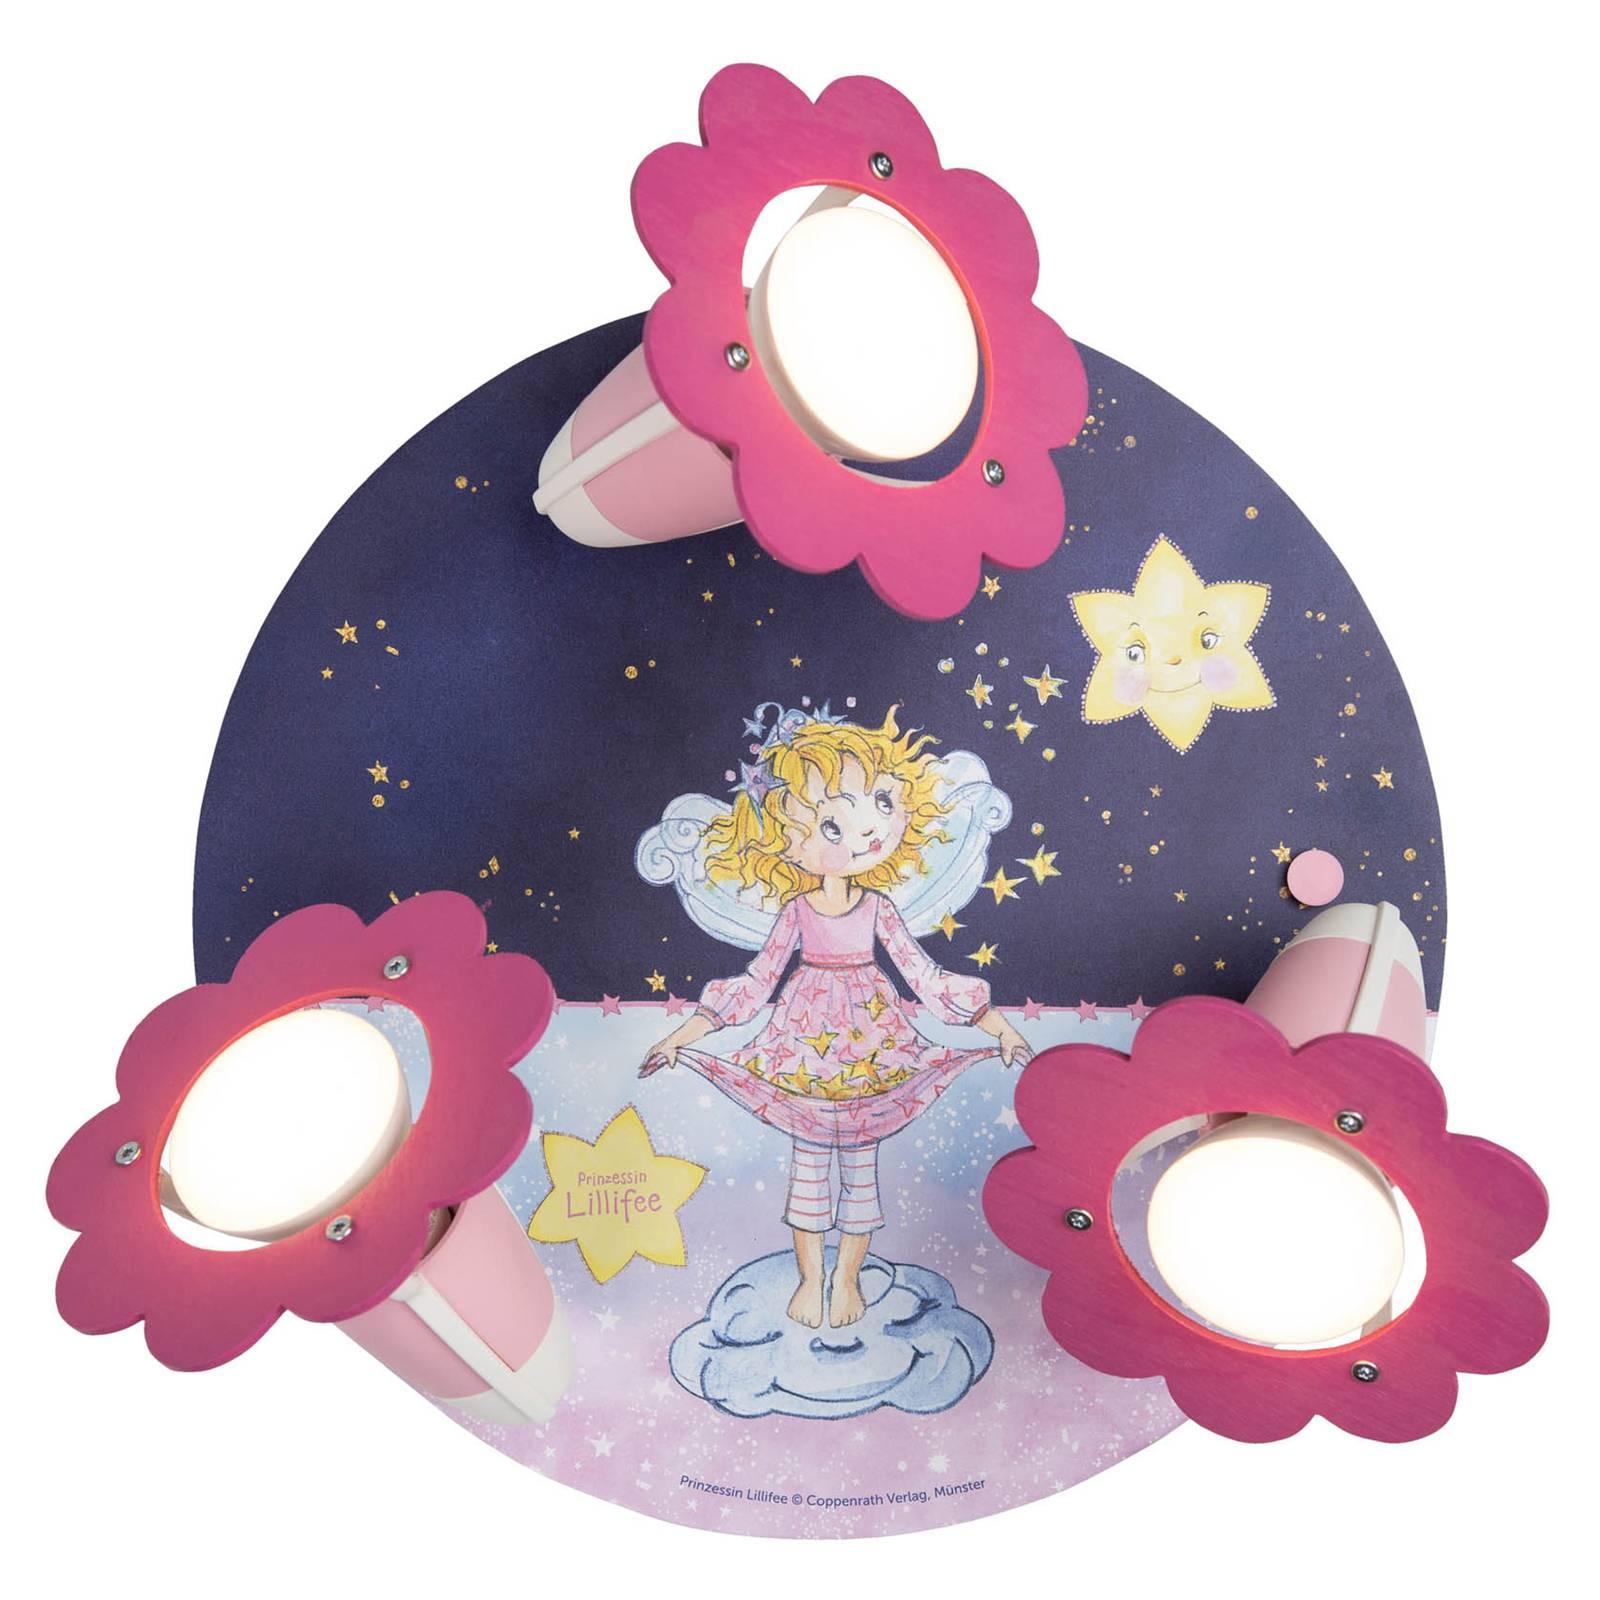 Kattovalaisin Prinsessa Lillifee, tähtitaikoja